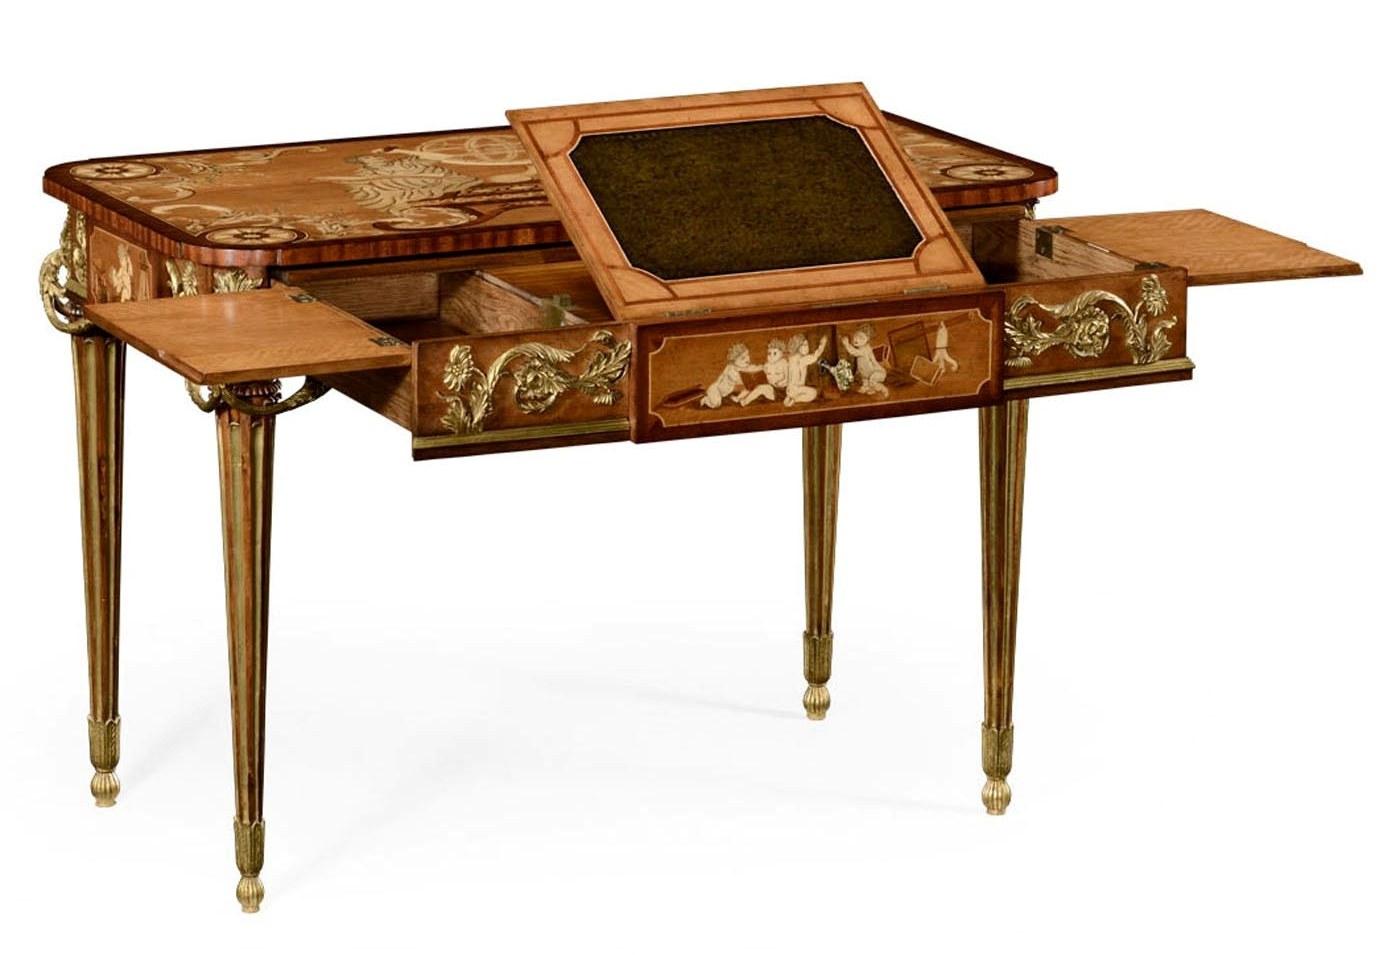 Antique furniture reproductions antique furniture reproductions - Executive Desks Classic Antique Reproduction Furniture Secrtaire Cabinet